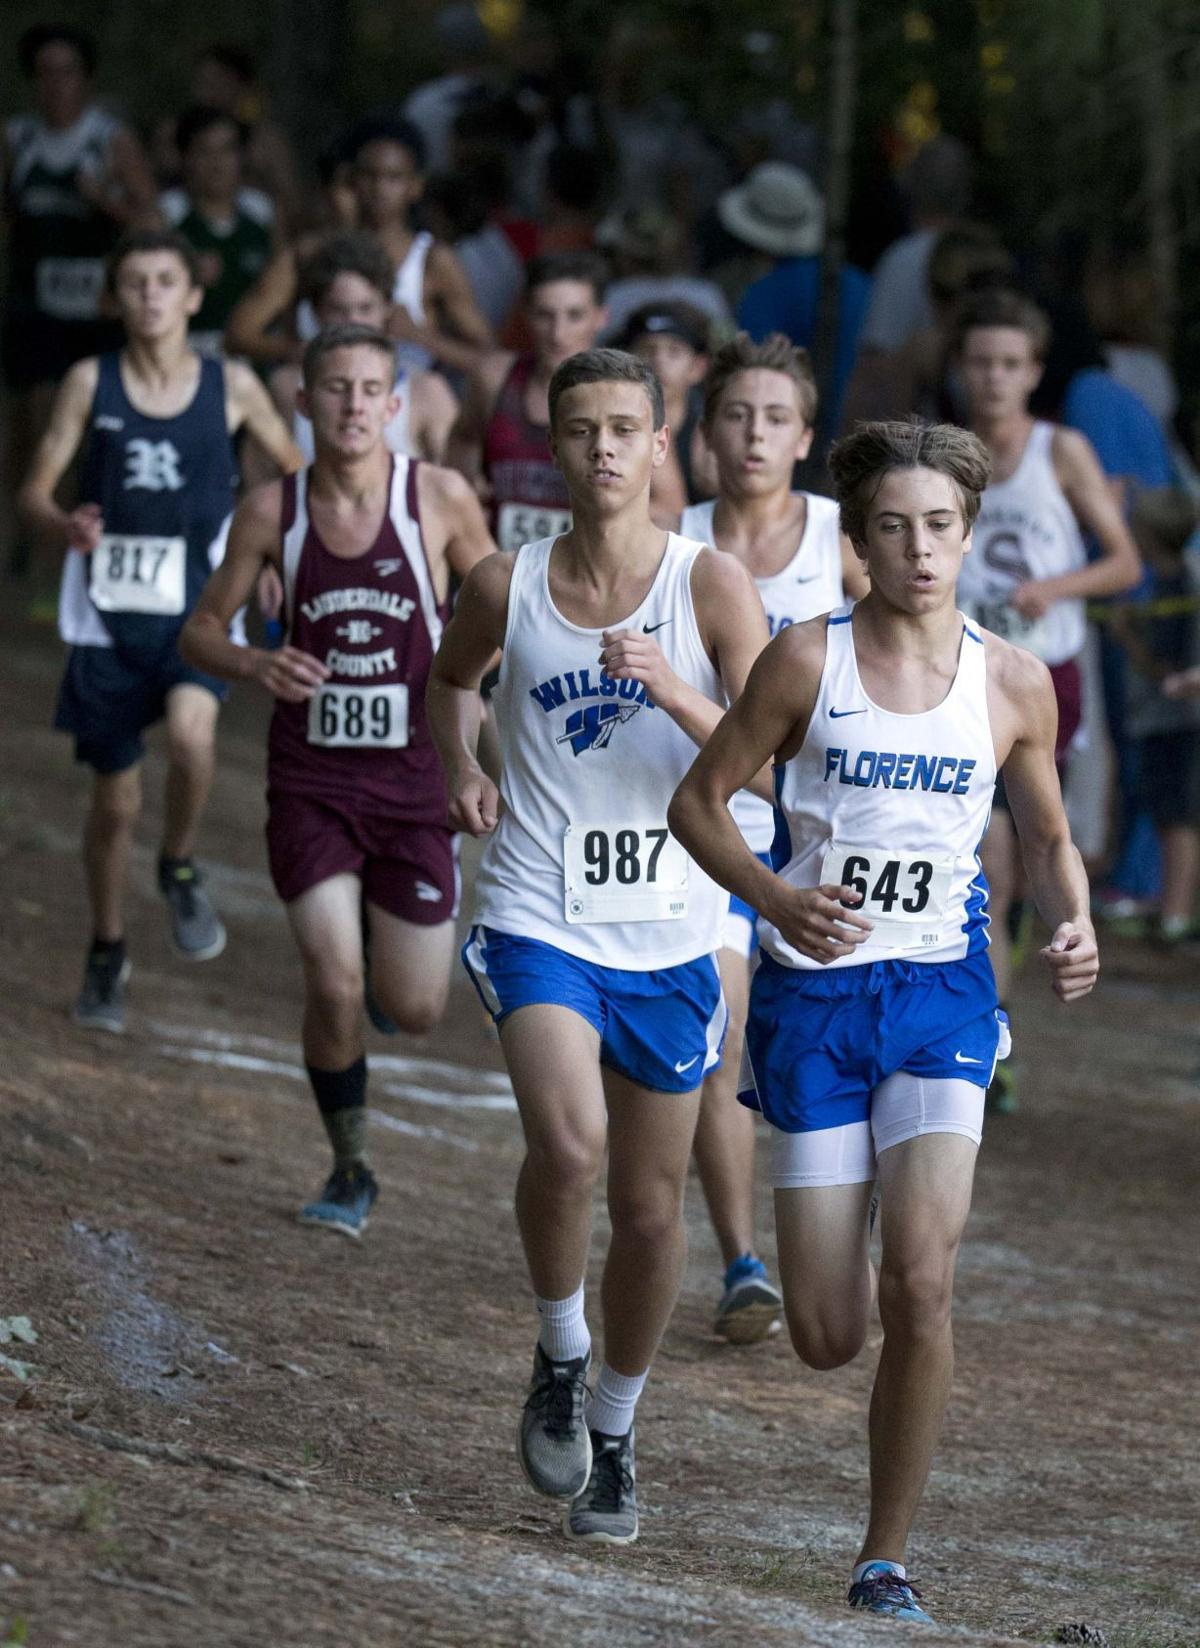 Florence runner Bennett Brake